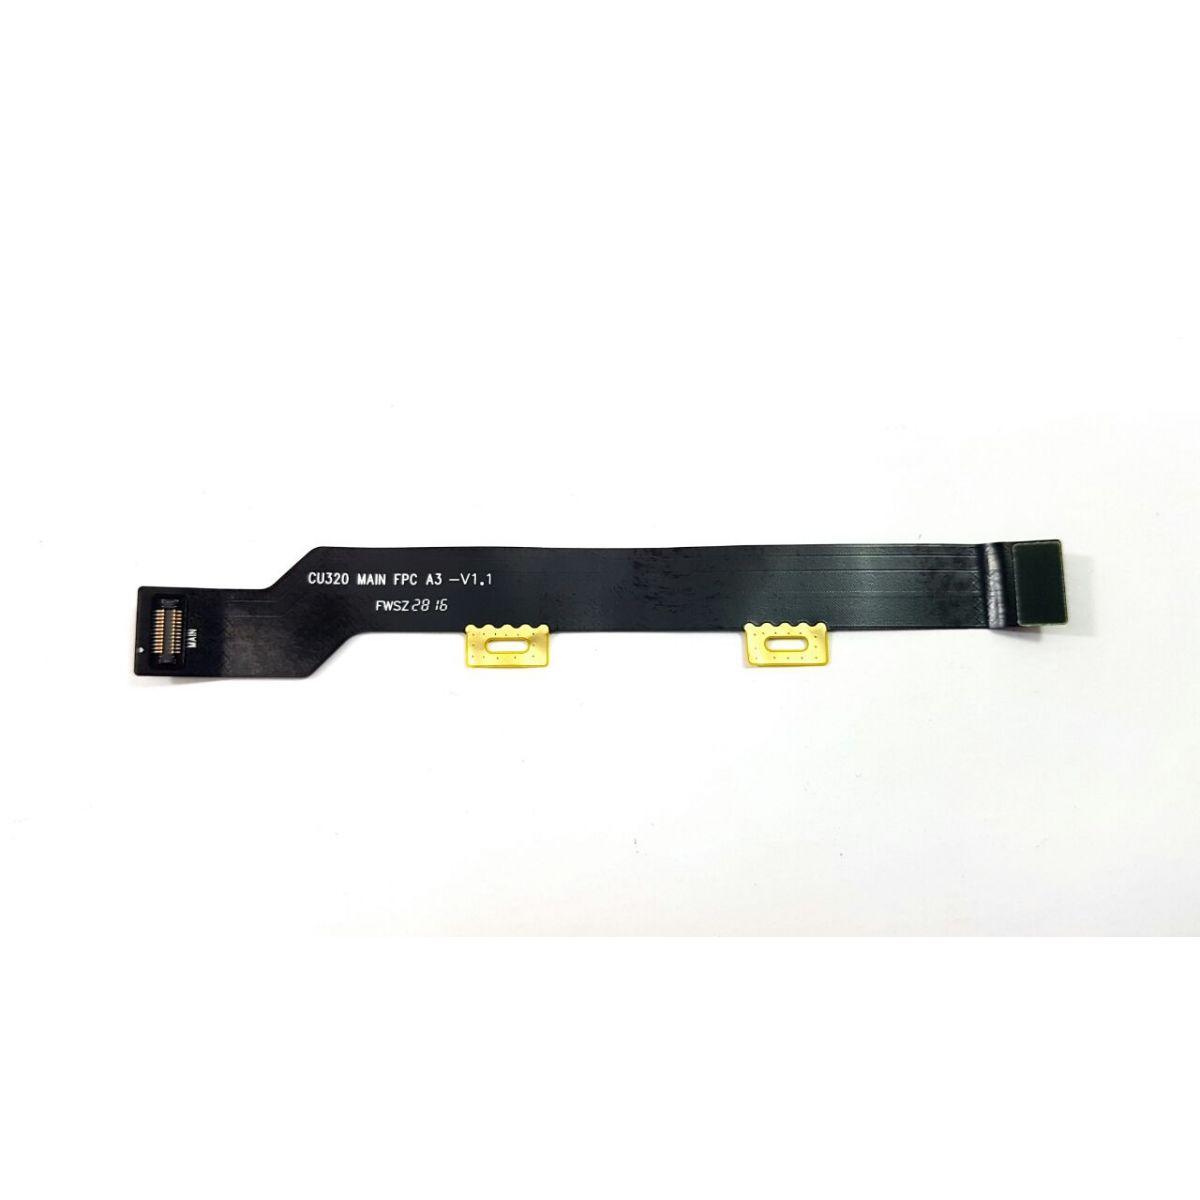 Flex Ligacao da Placa Carga Lenovo Vibe C2 K10a40